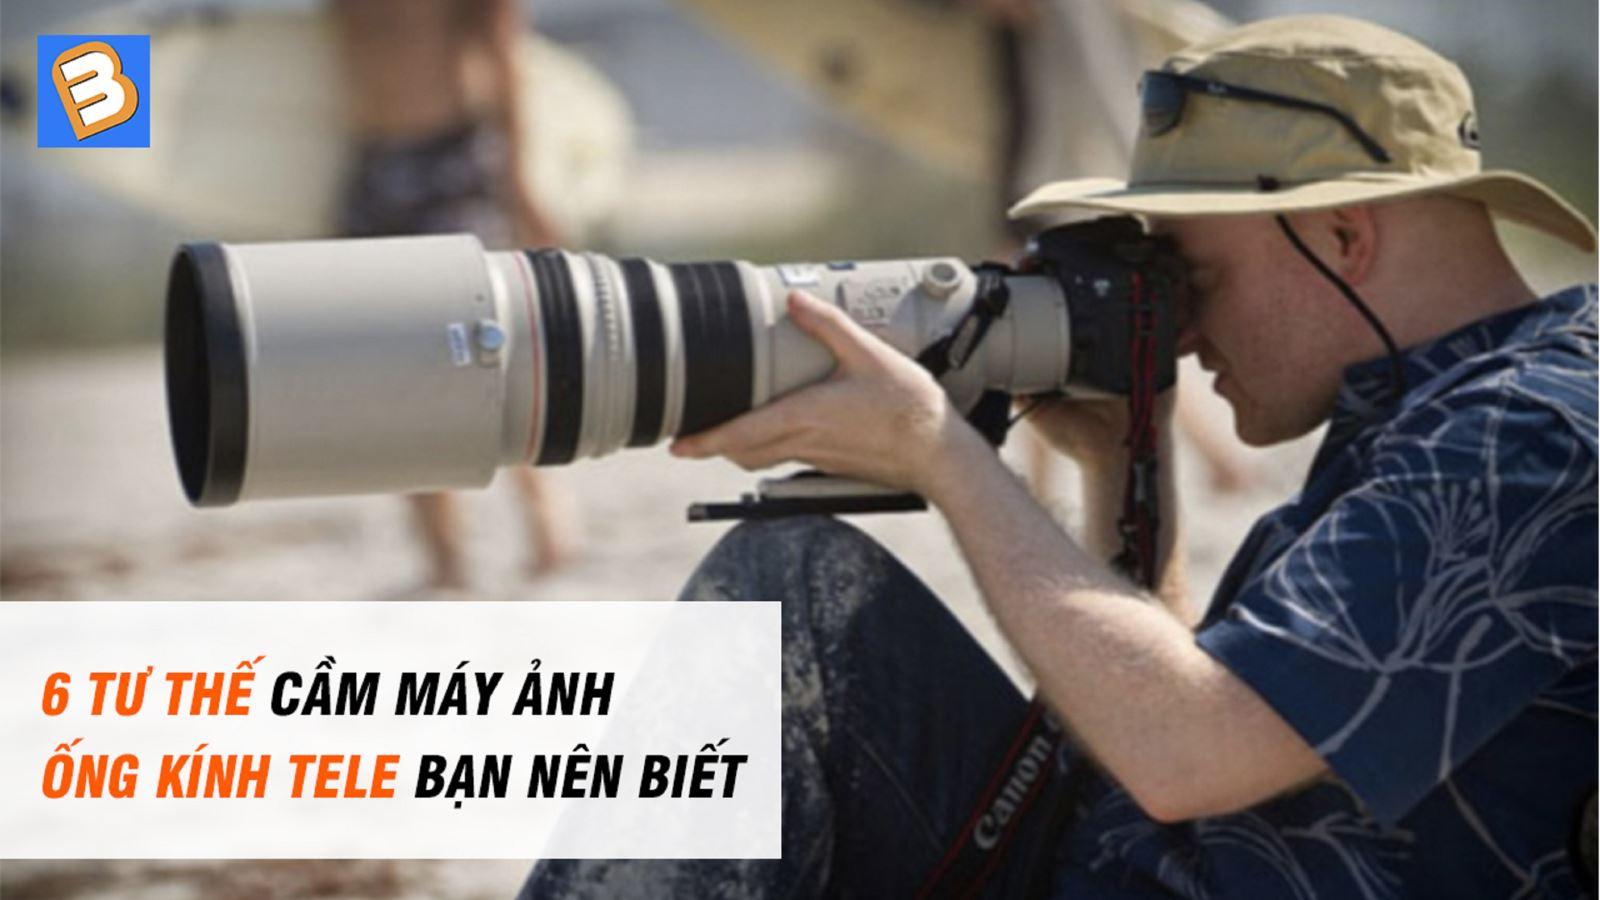 6 tư thếcầm máy ảnh ống kính tele bạn nên biết